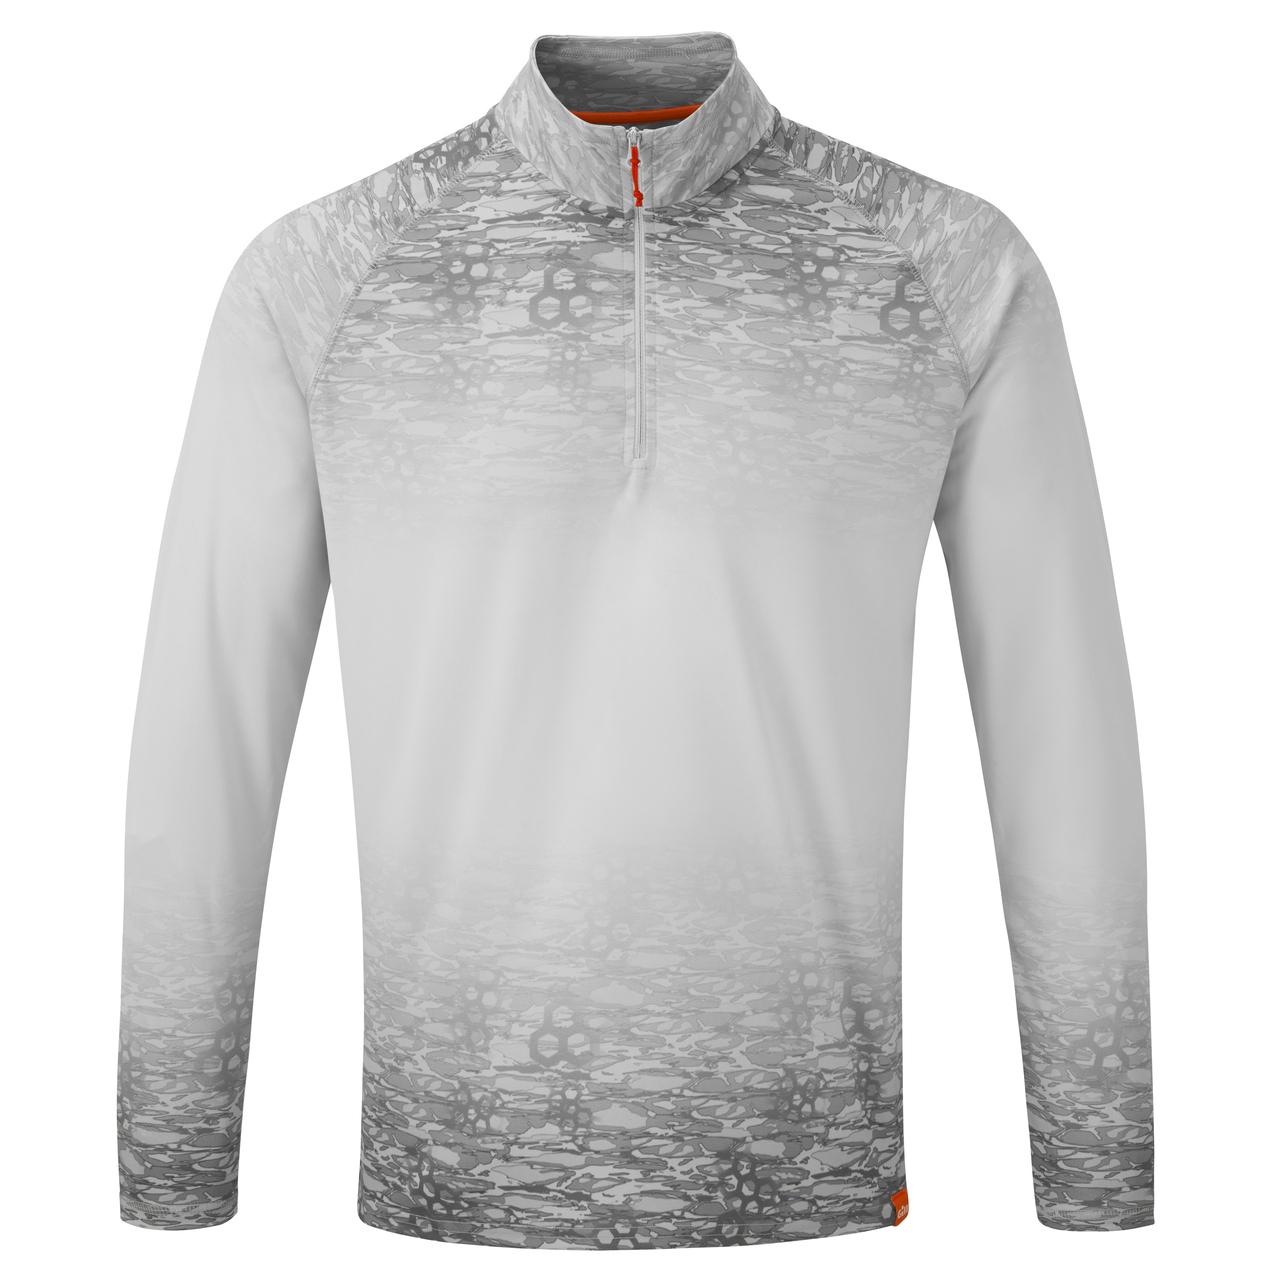 Men's UV Tec Long Sleeve Zip Tee - UV009-ICE01-1.jpg